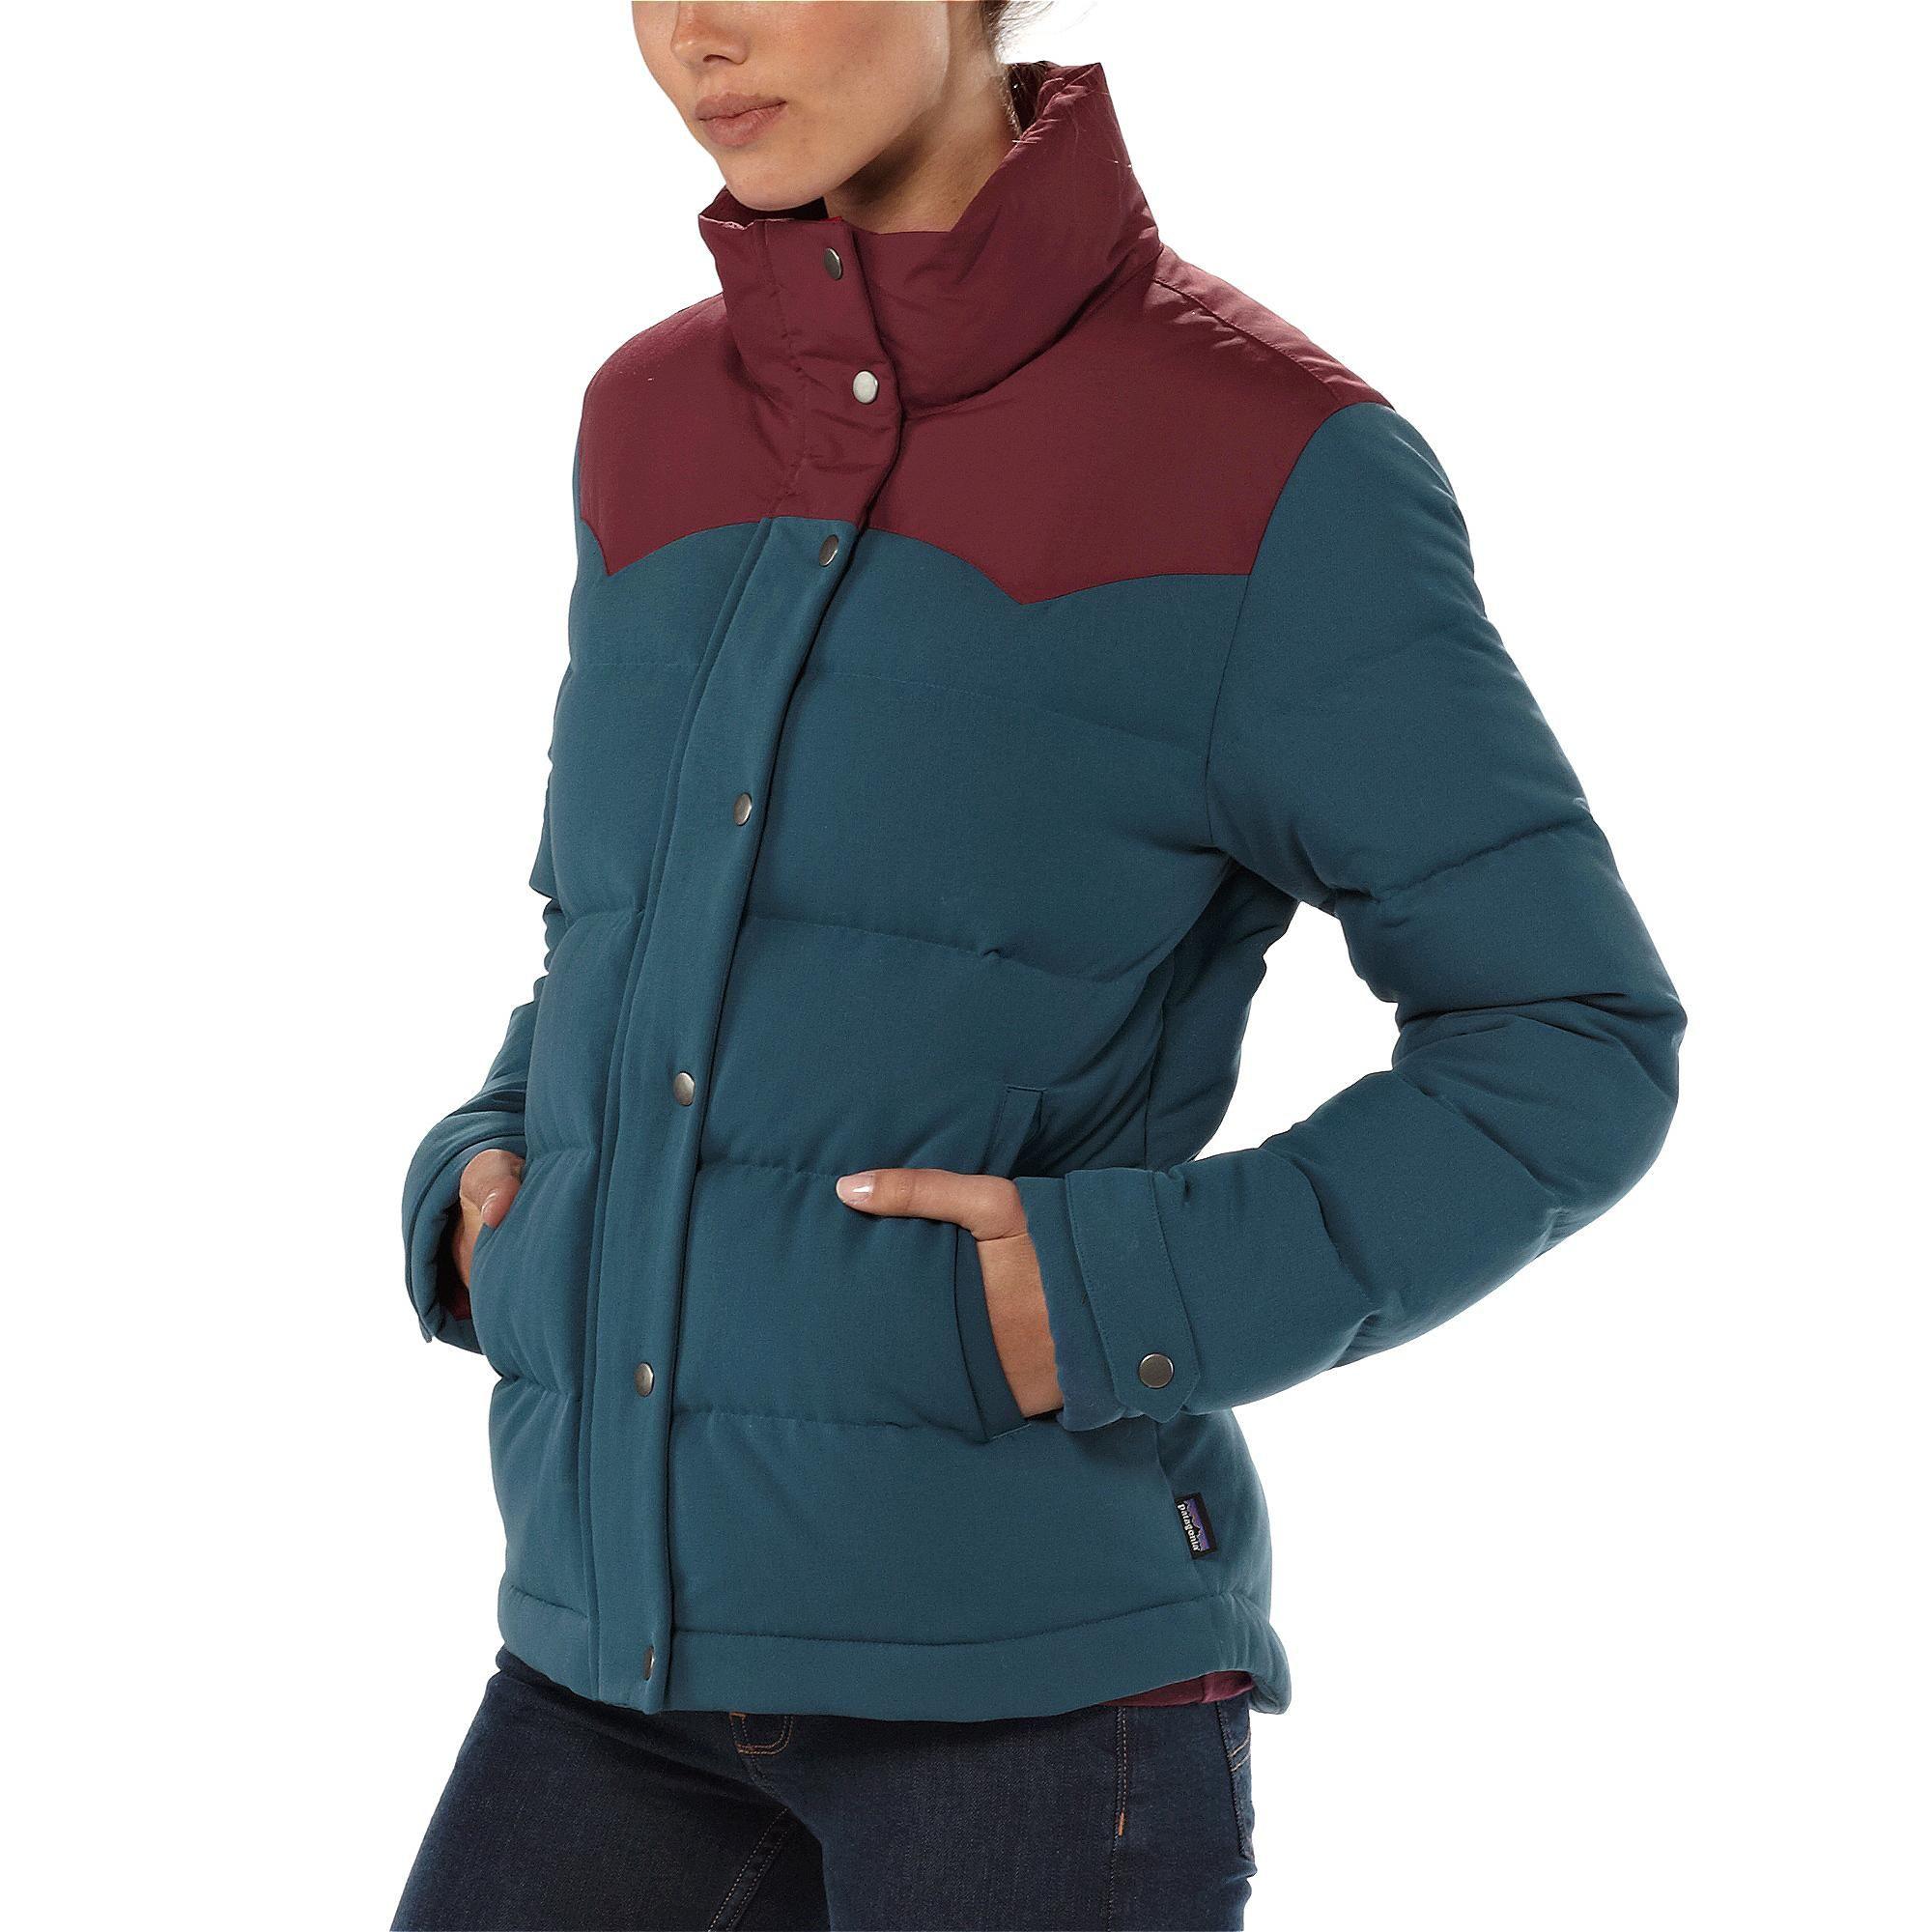 Patagonia Women's Bivy Down Jacket Patagonia womens